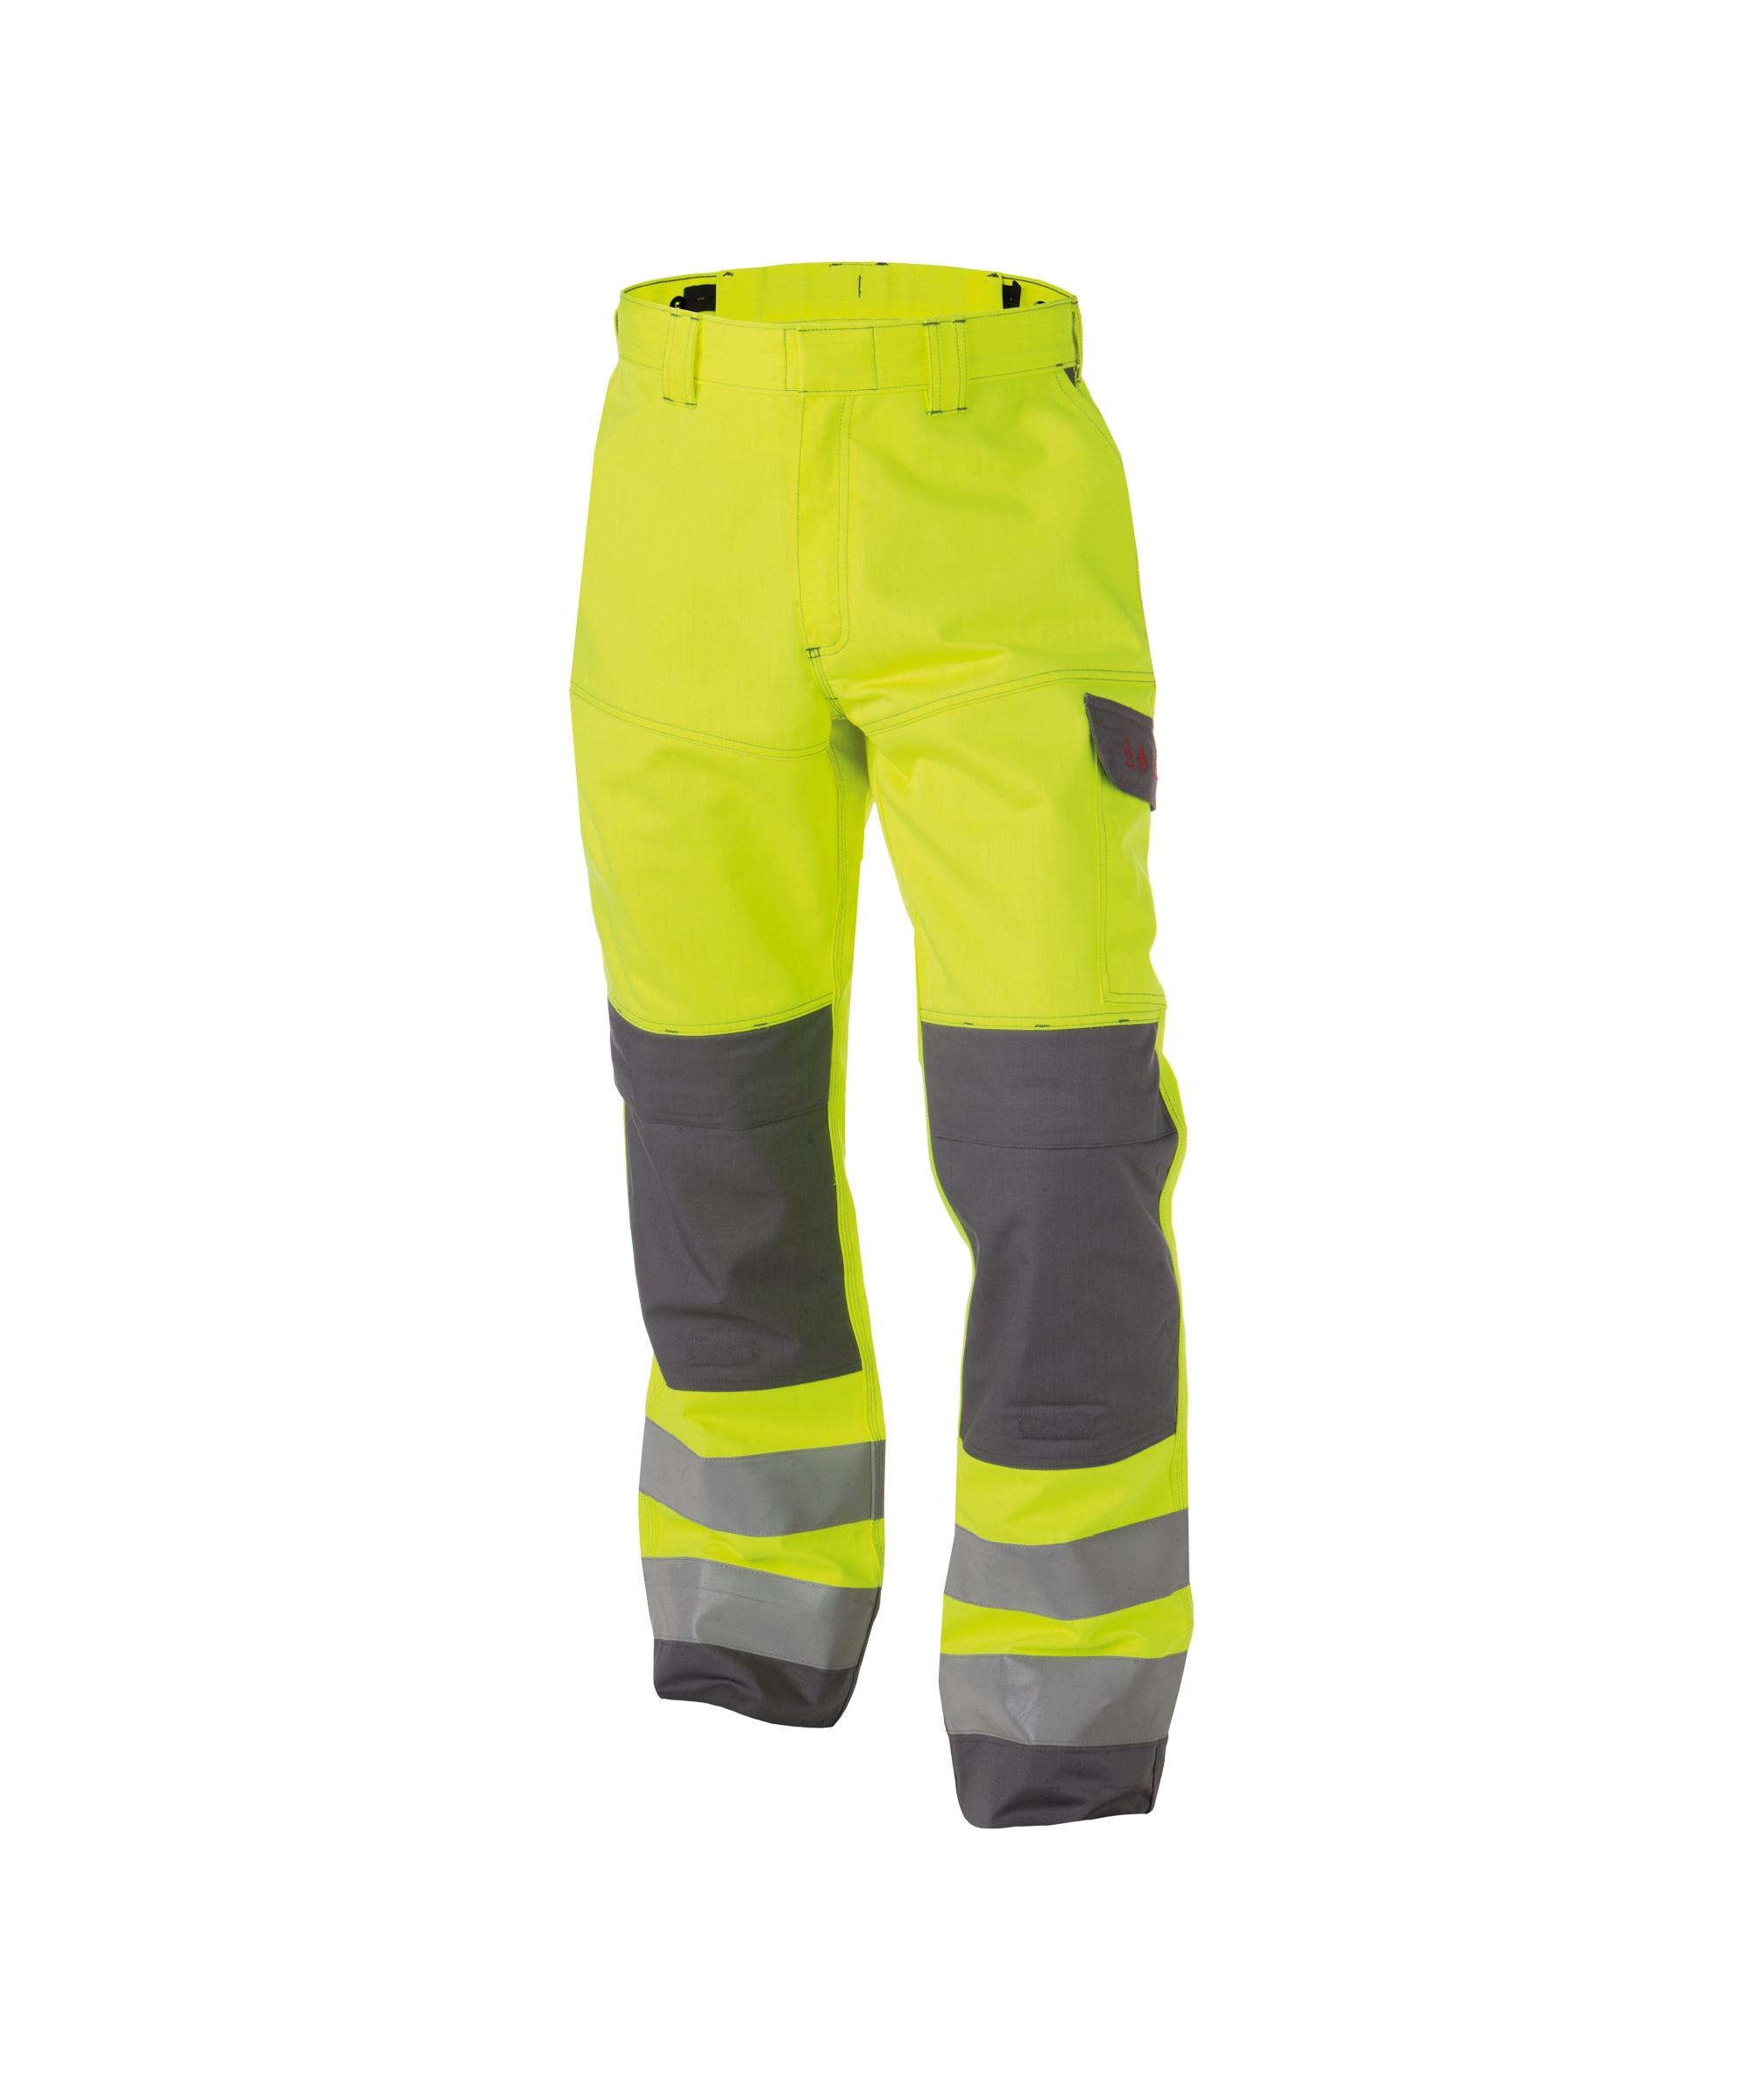 Dassy, Manchester zweifarbige Multinorm Warnschutz Bundhose mit Kniepolstertaschen 200819